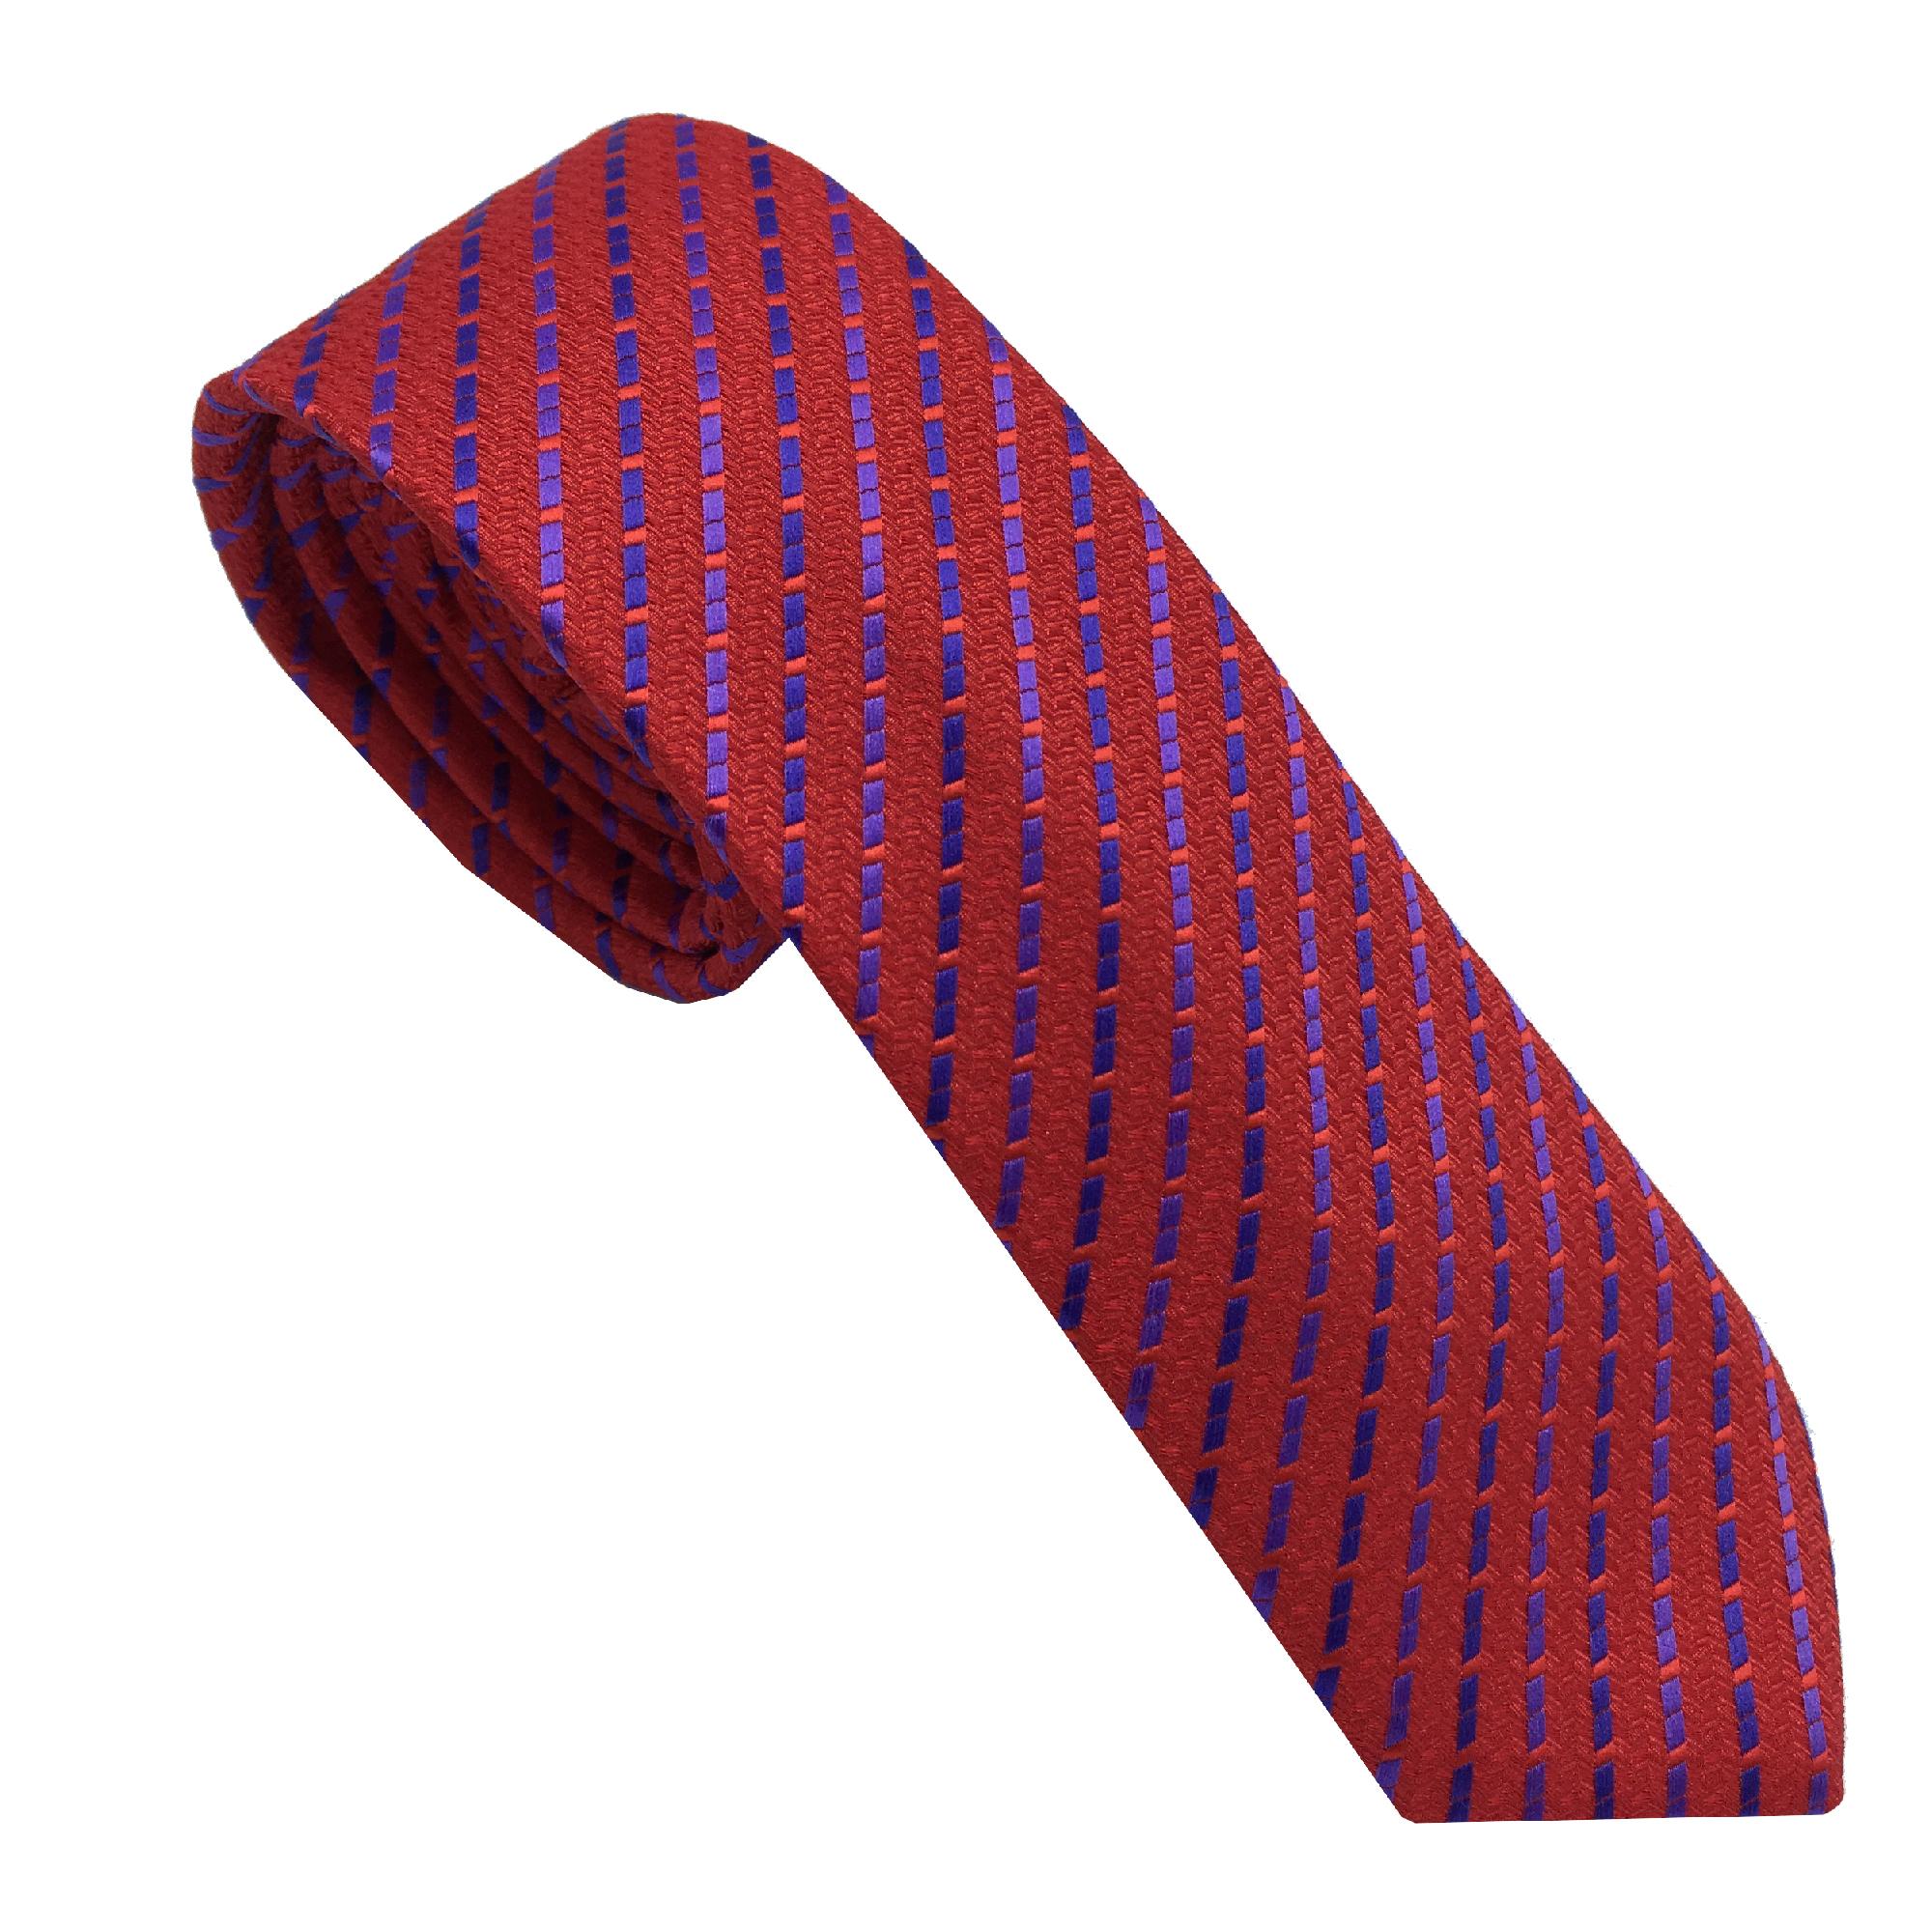 ست کراوات و دستمال جیب مردانه هکس ایران مدل KT-MD06